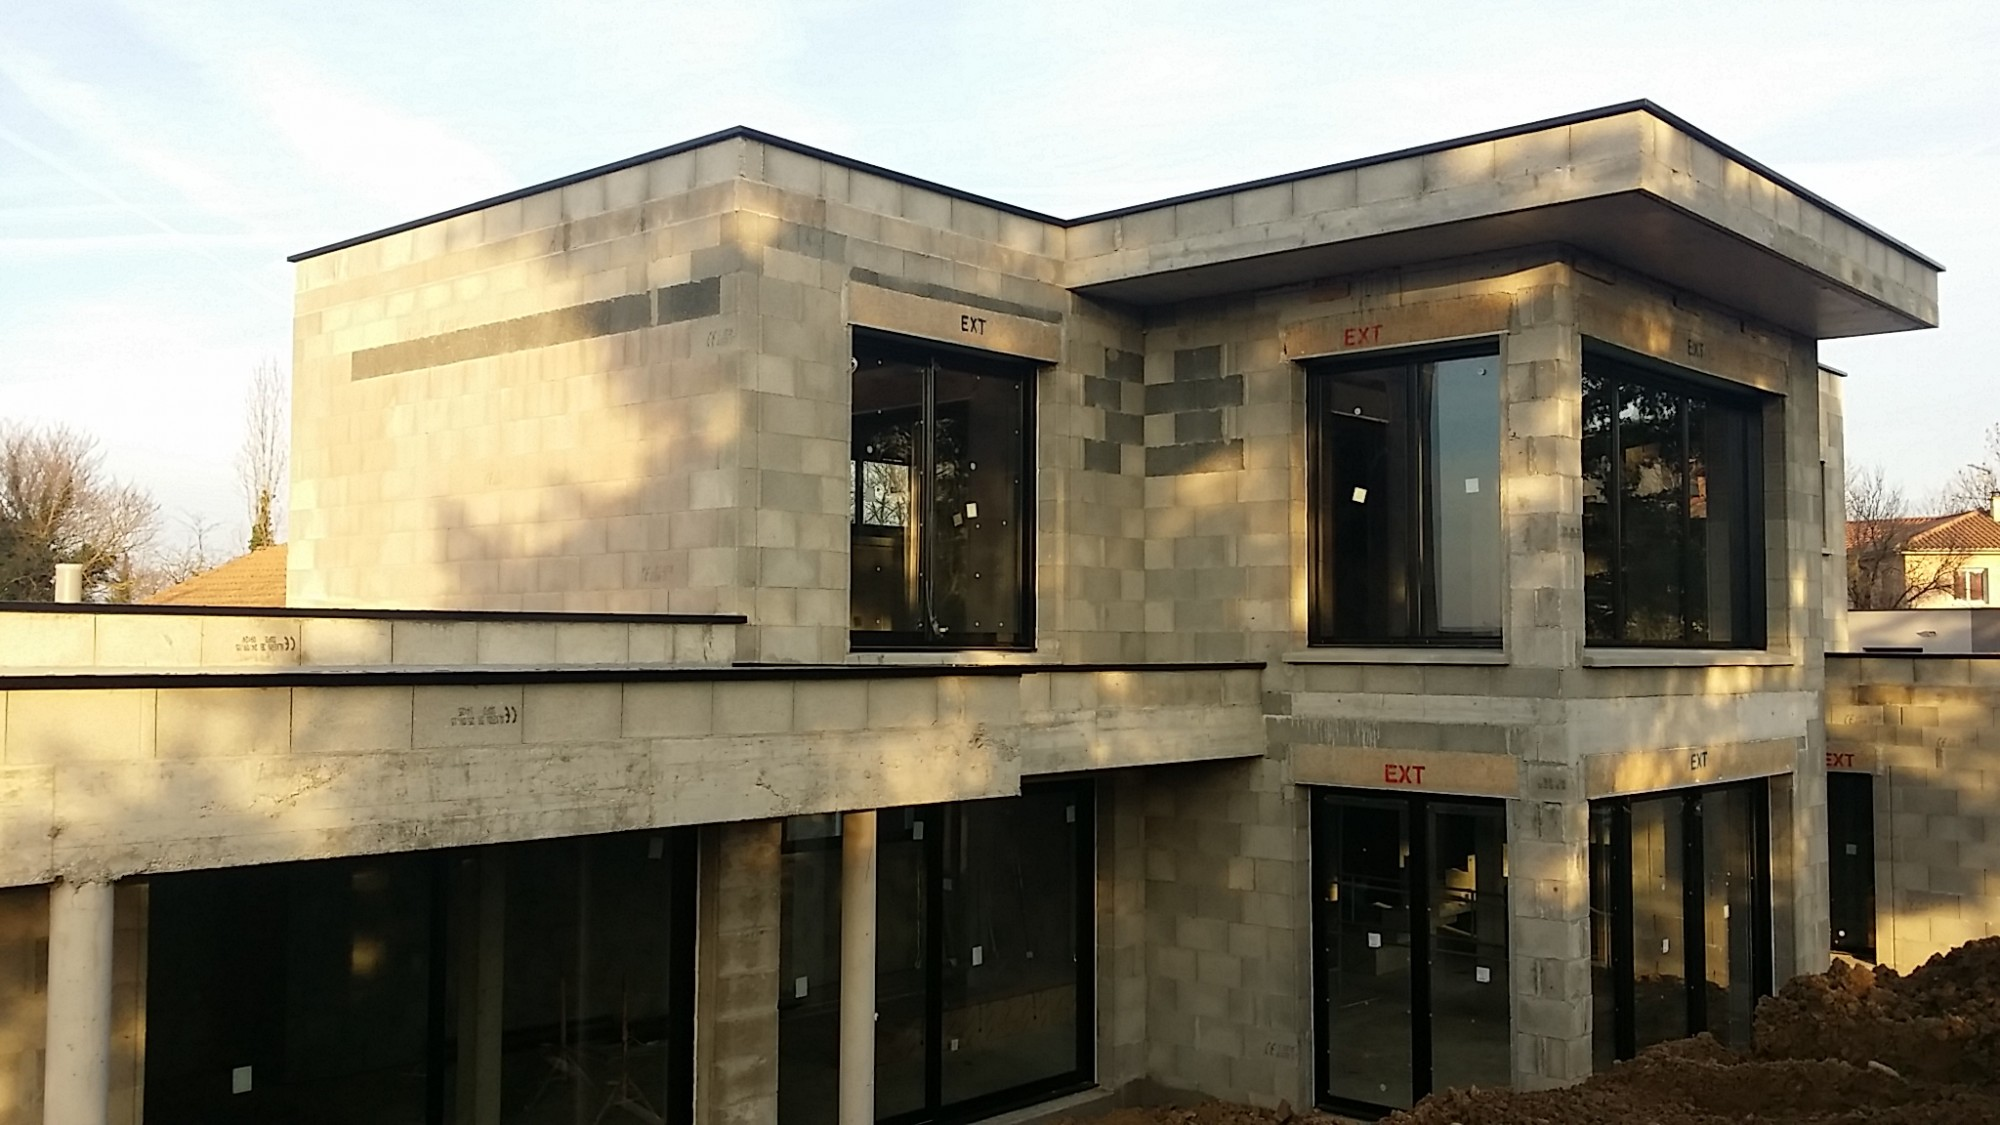 maison contemporaine au sud de lyon bureau d 39 tudes et. Black Bedroom Furniture Sets. Home Design Ideas